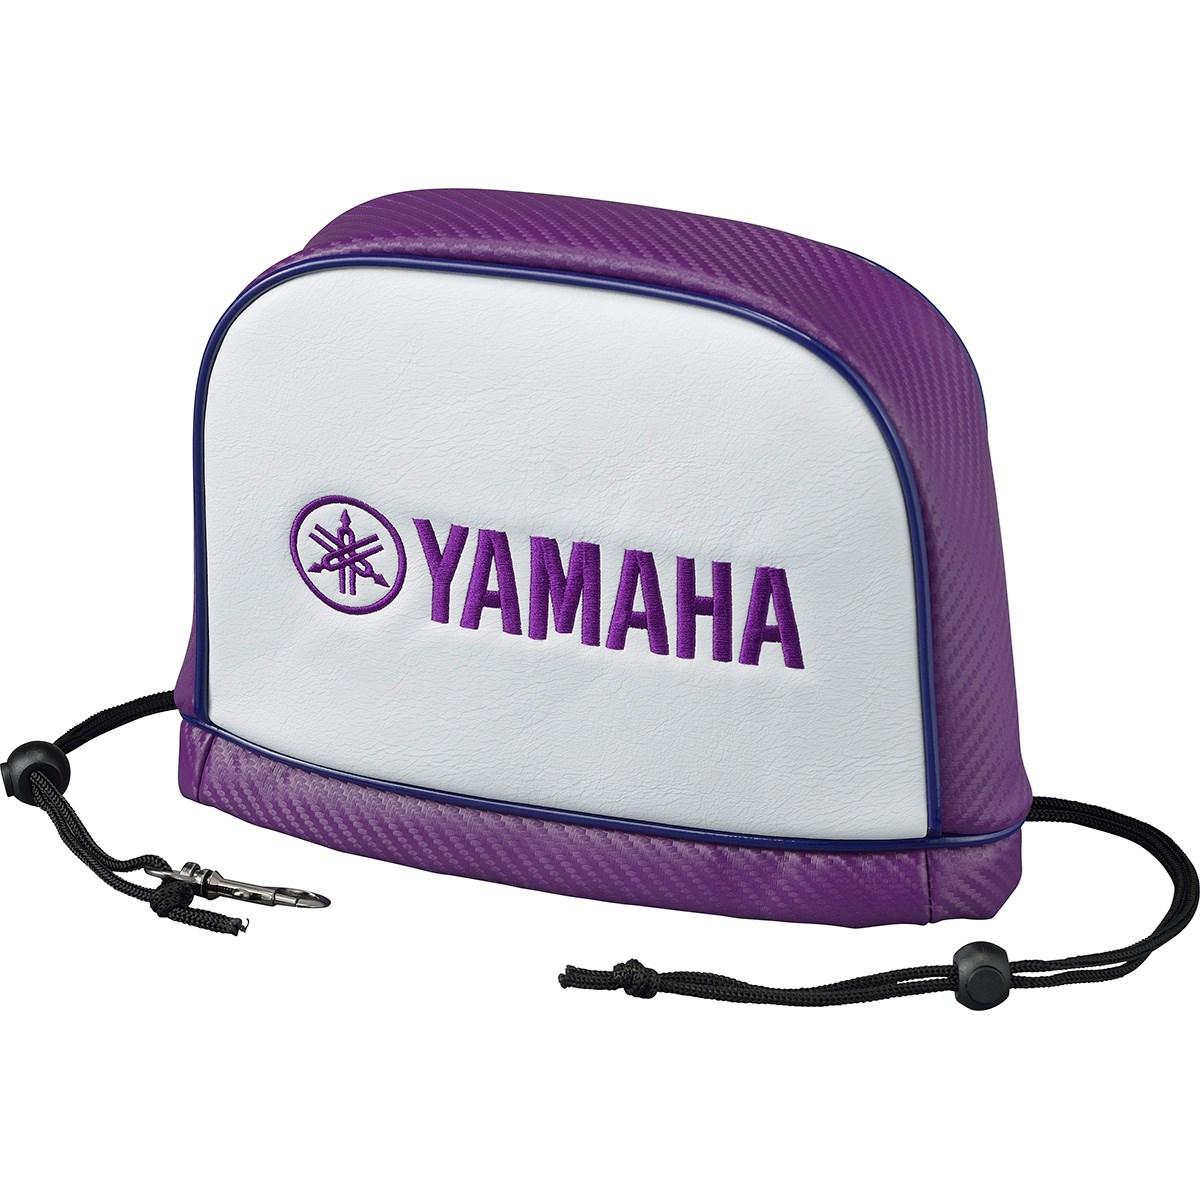 ヤマハ(YAMAHA) アイアンカバー